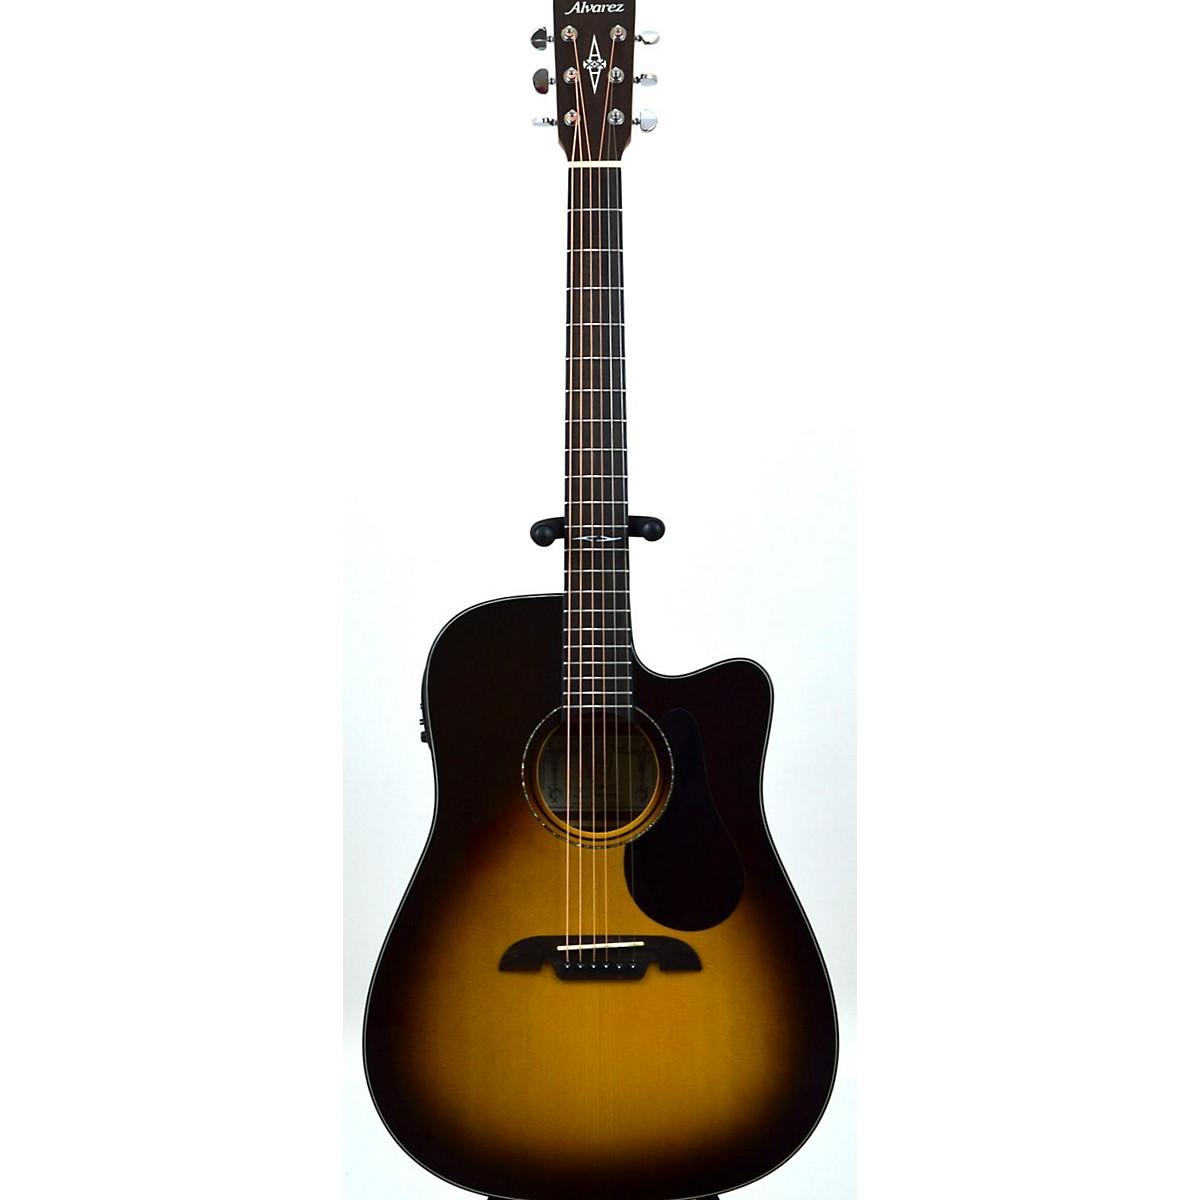 Alvarez AD610CE Acoustic Electric Guitar